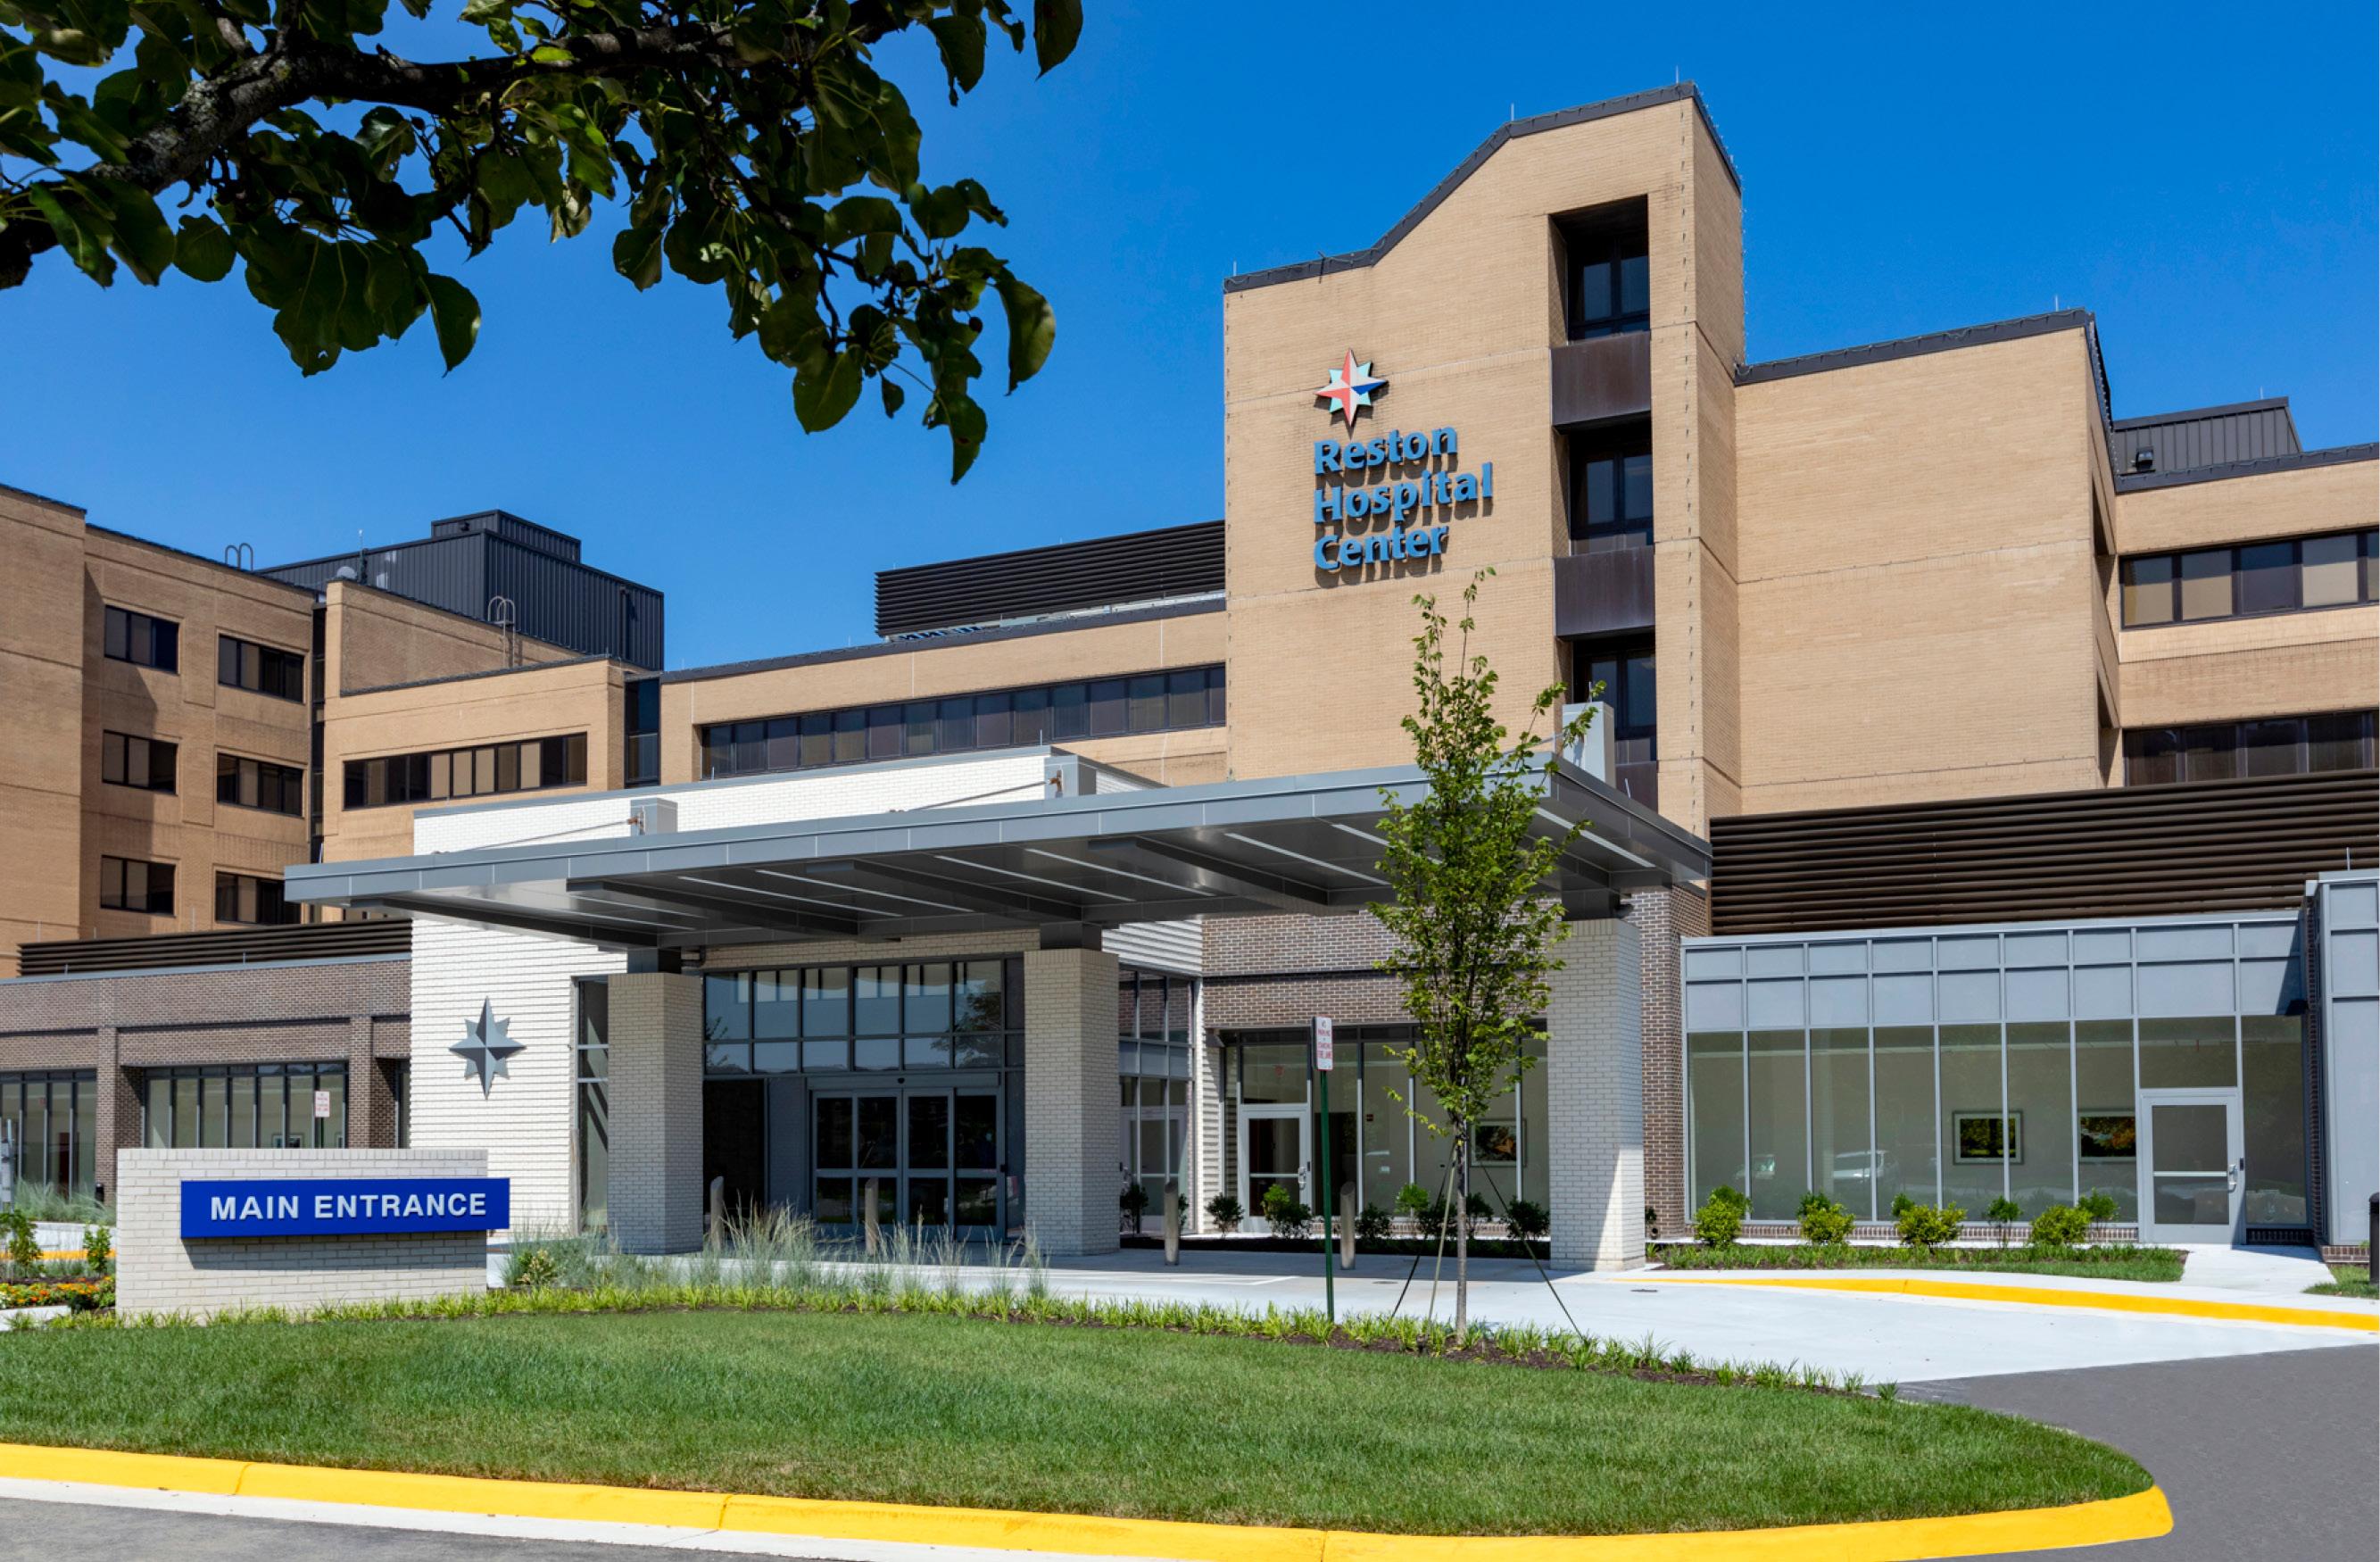 Reston Hospital Center